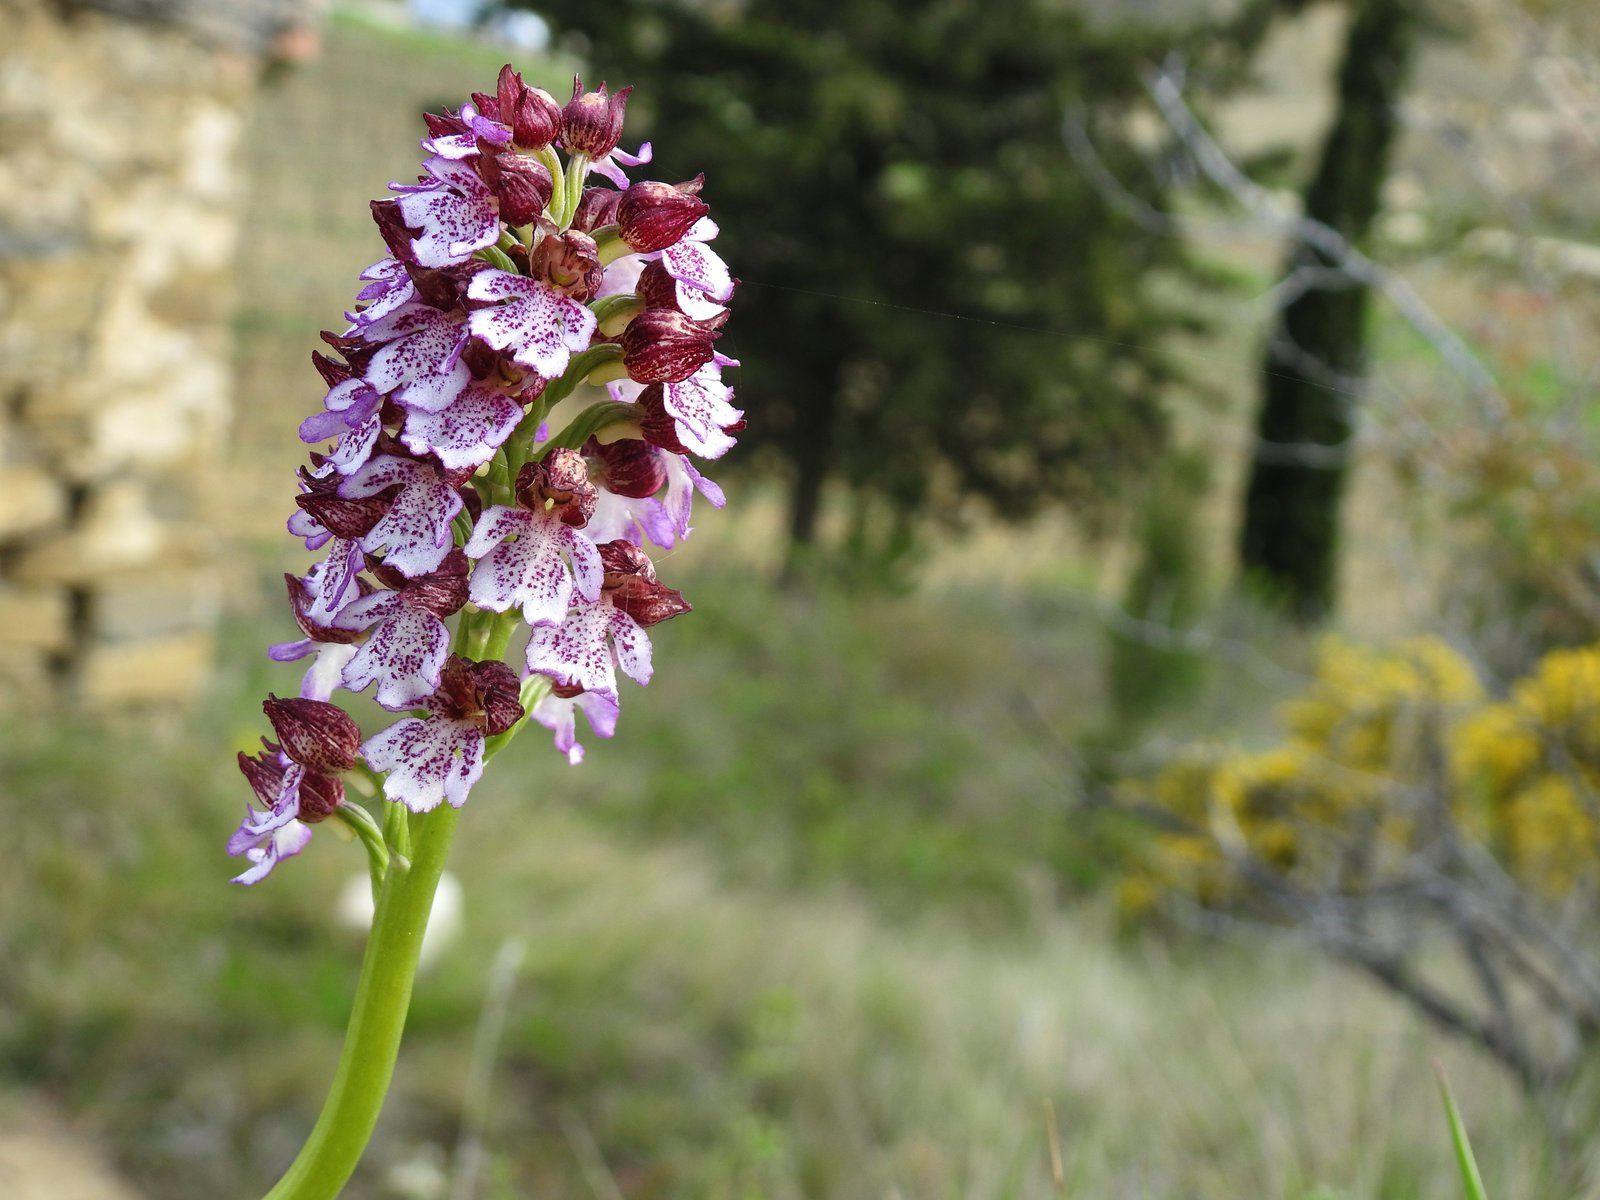 Les orchidées sauvages de Malras en ce moment